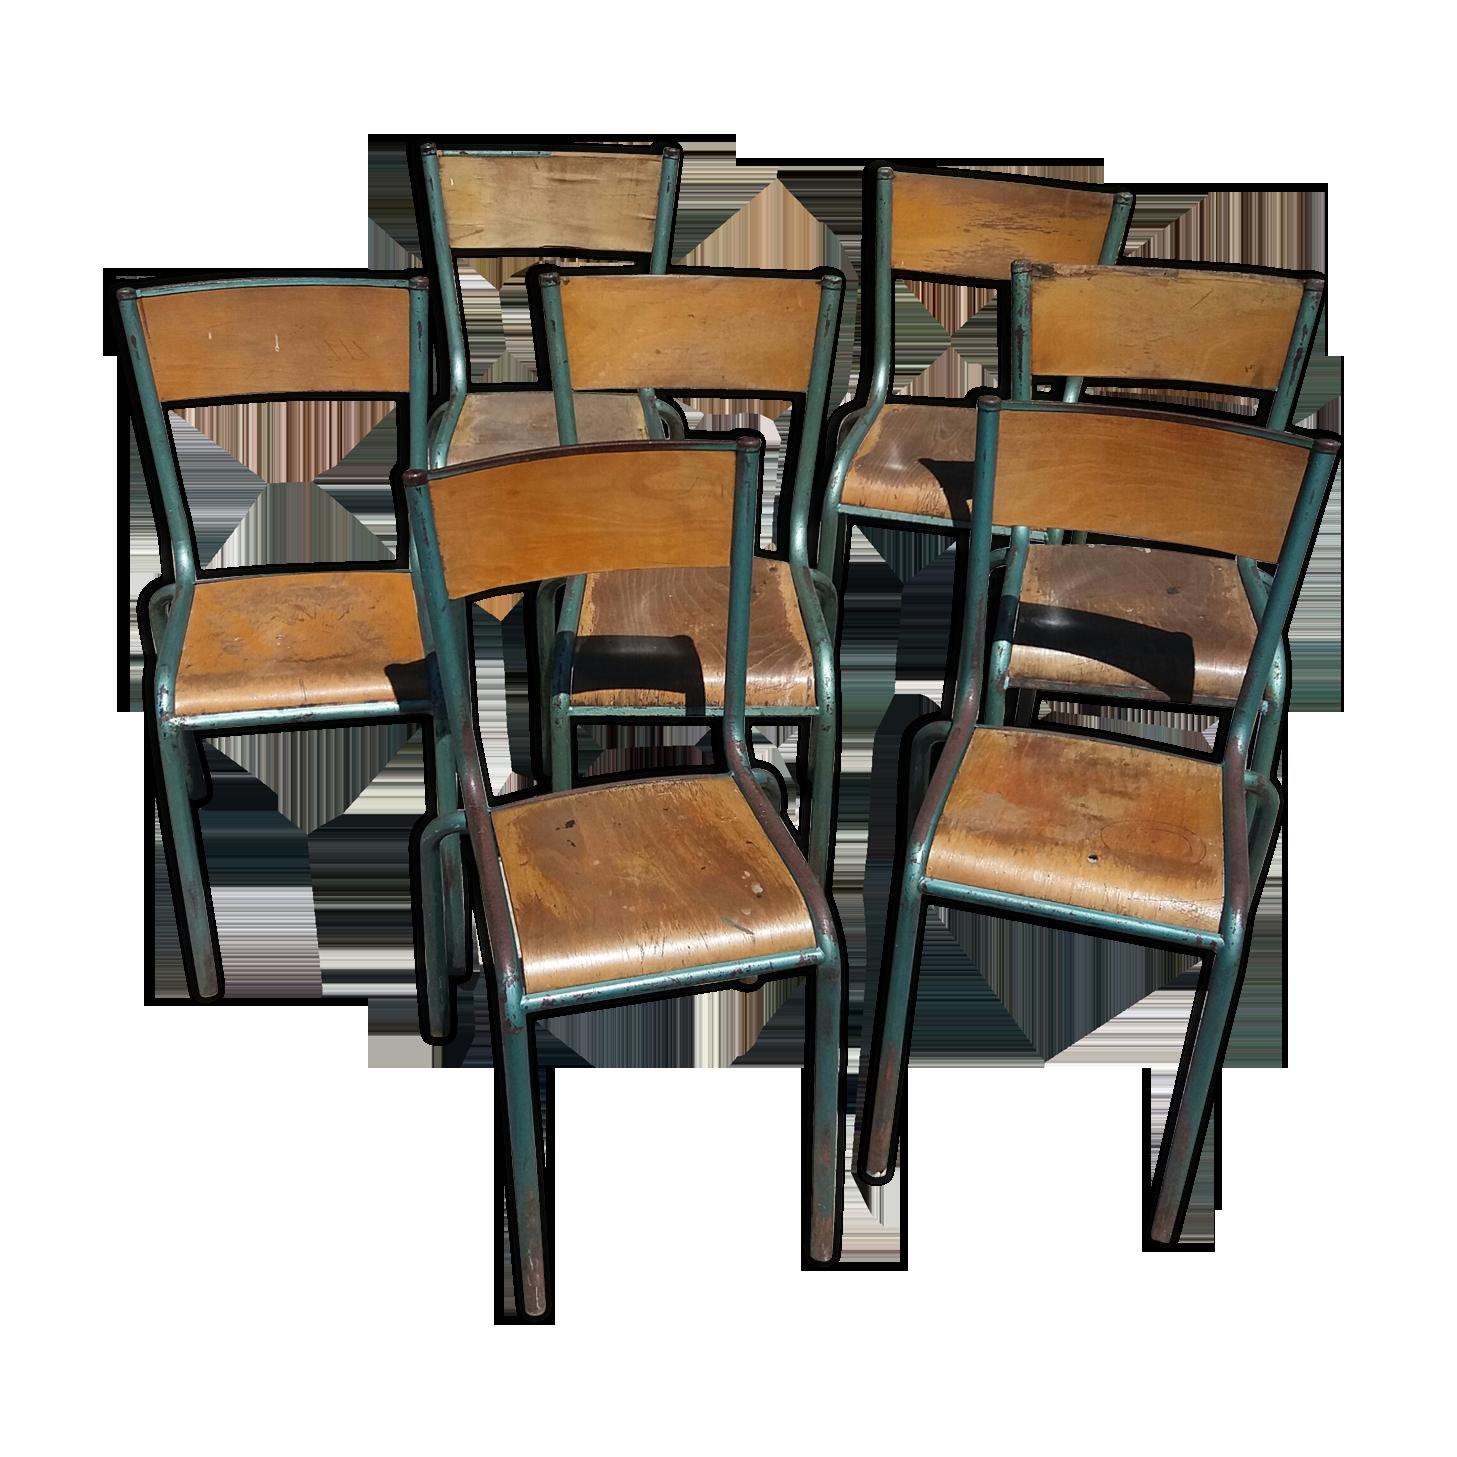 Chaise D École Mullca série de 7 chaises d'école mullca modèle 510 | selency